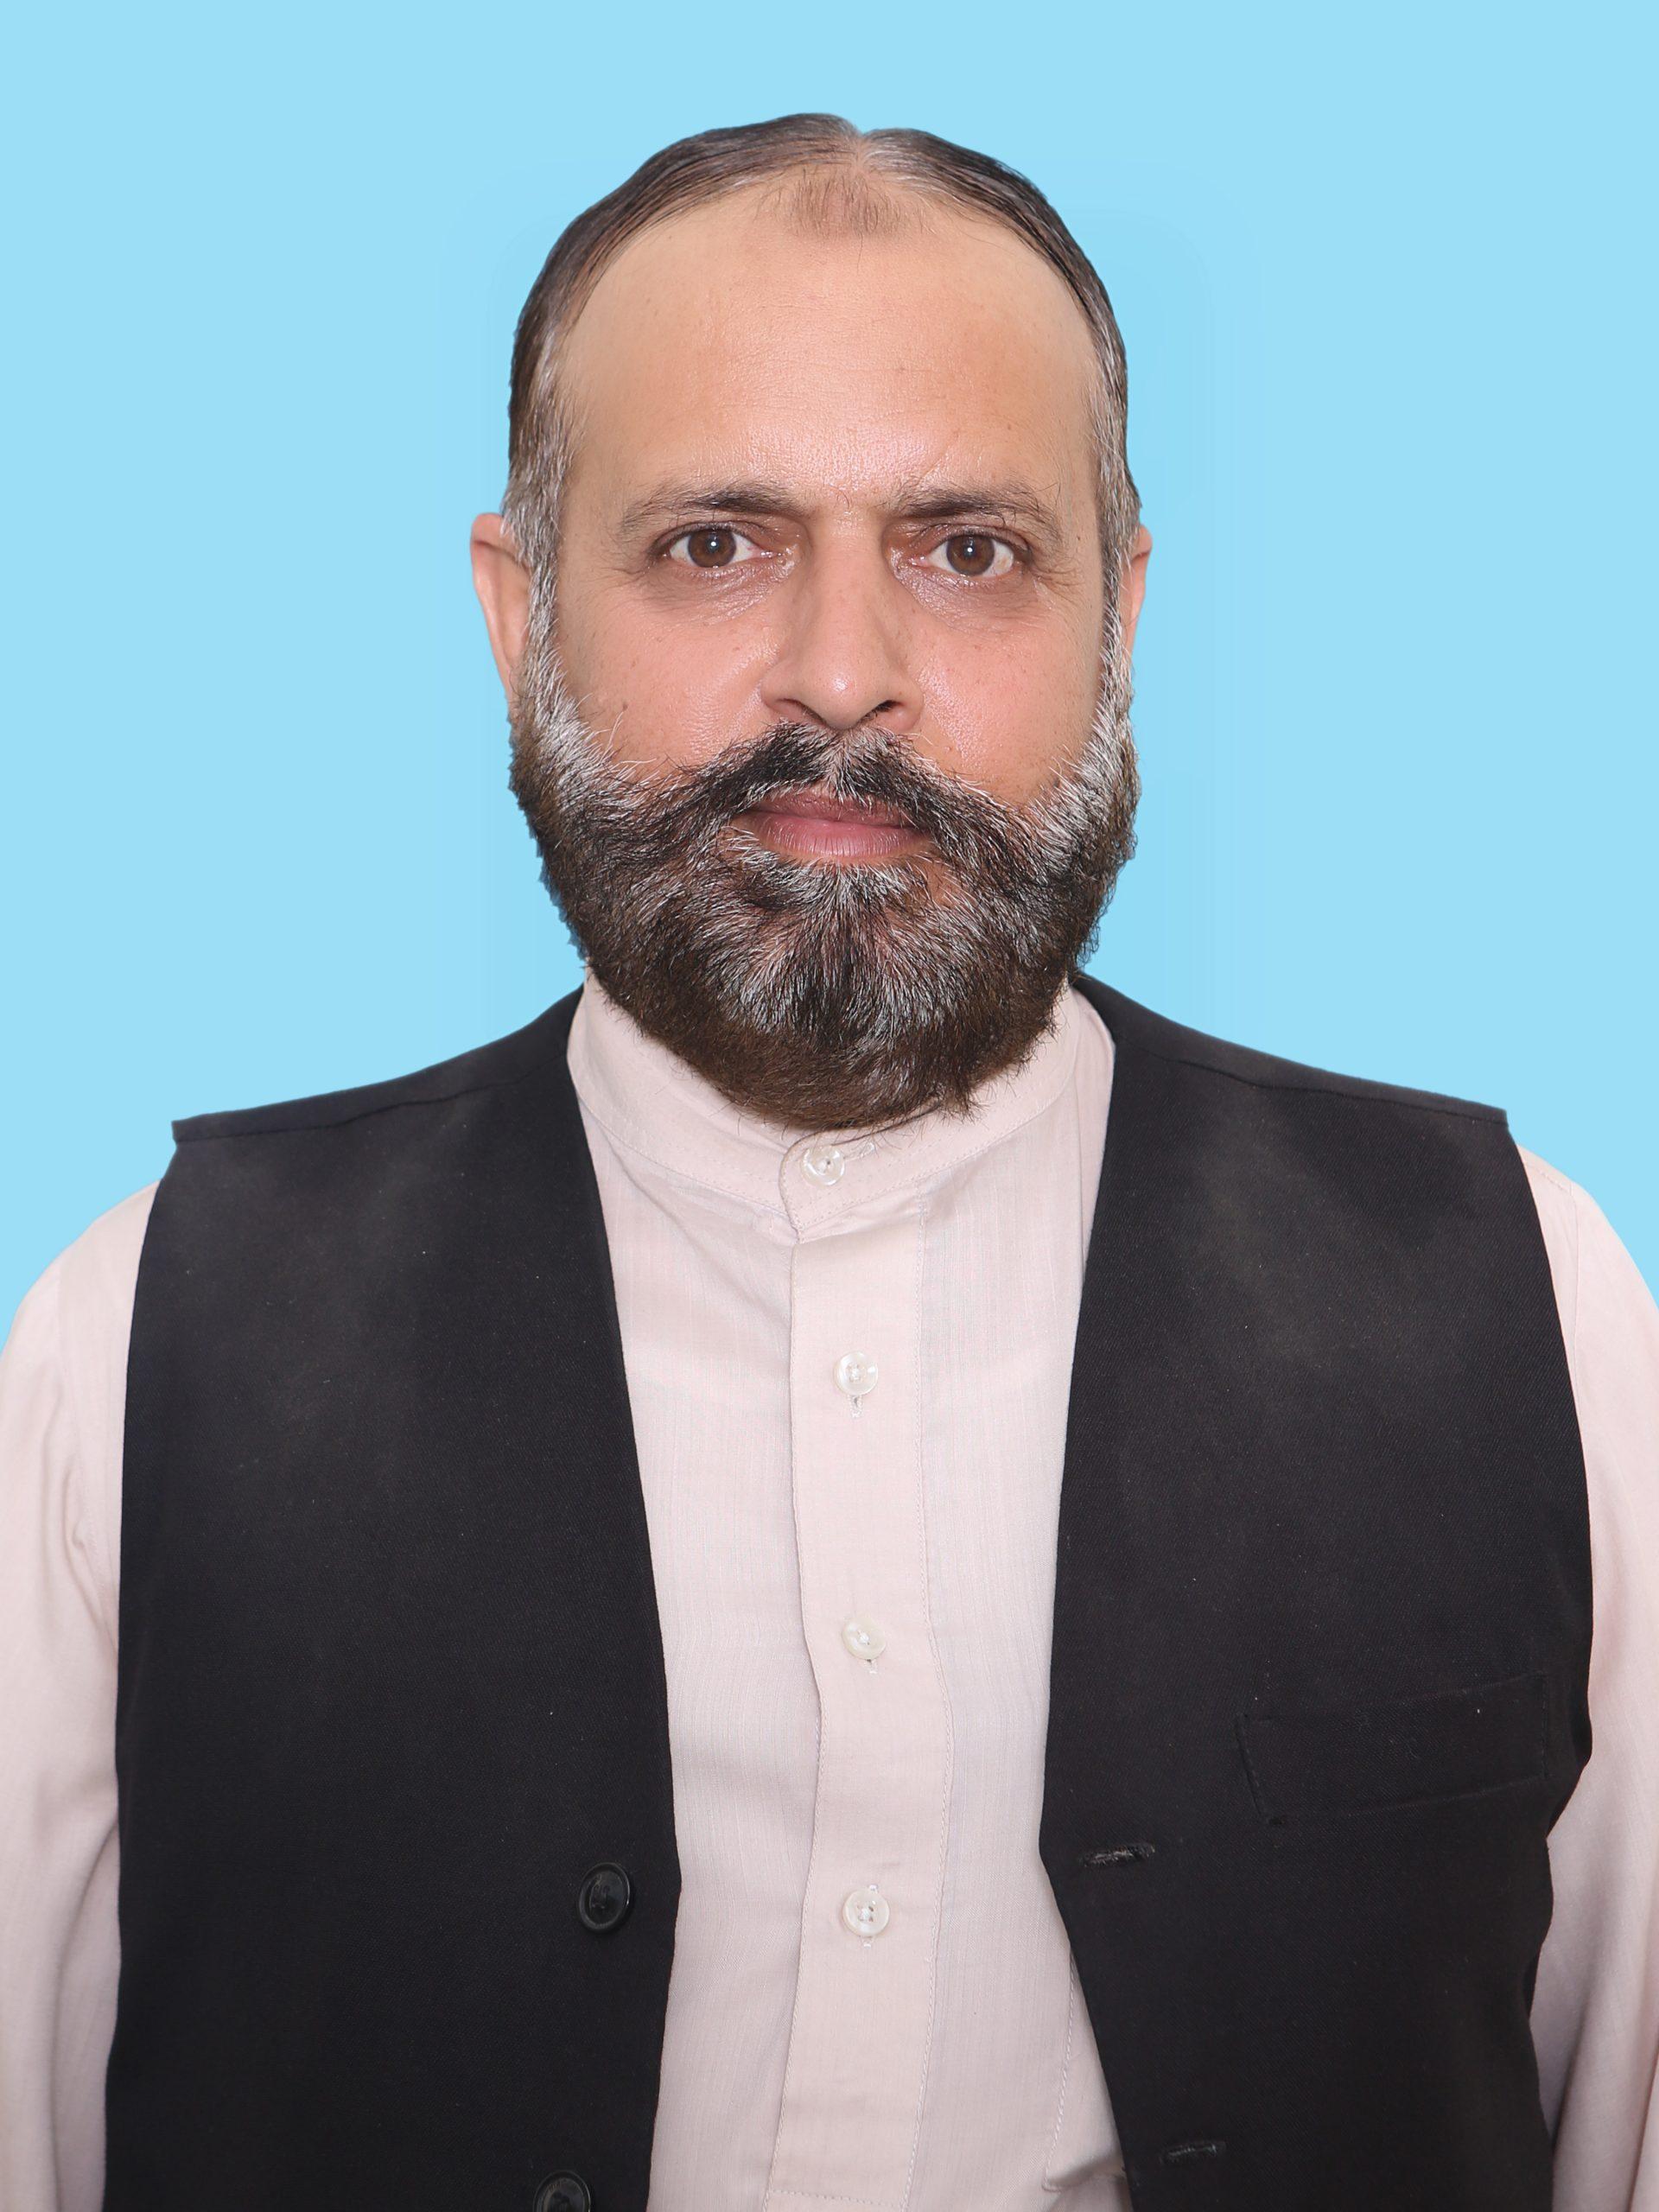 Dr. Muhammad Sajid Khan Khakwani